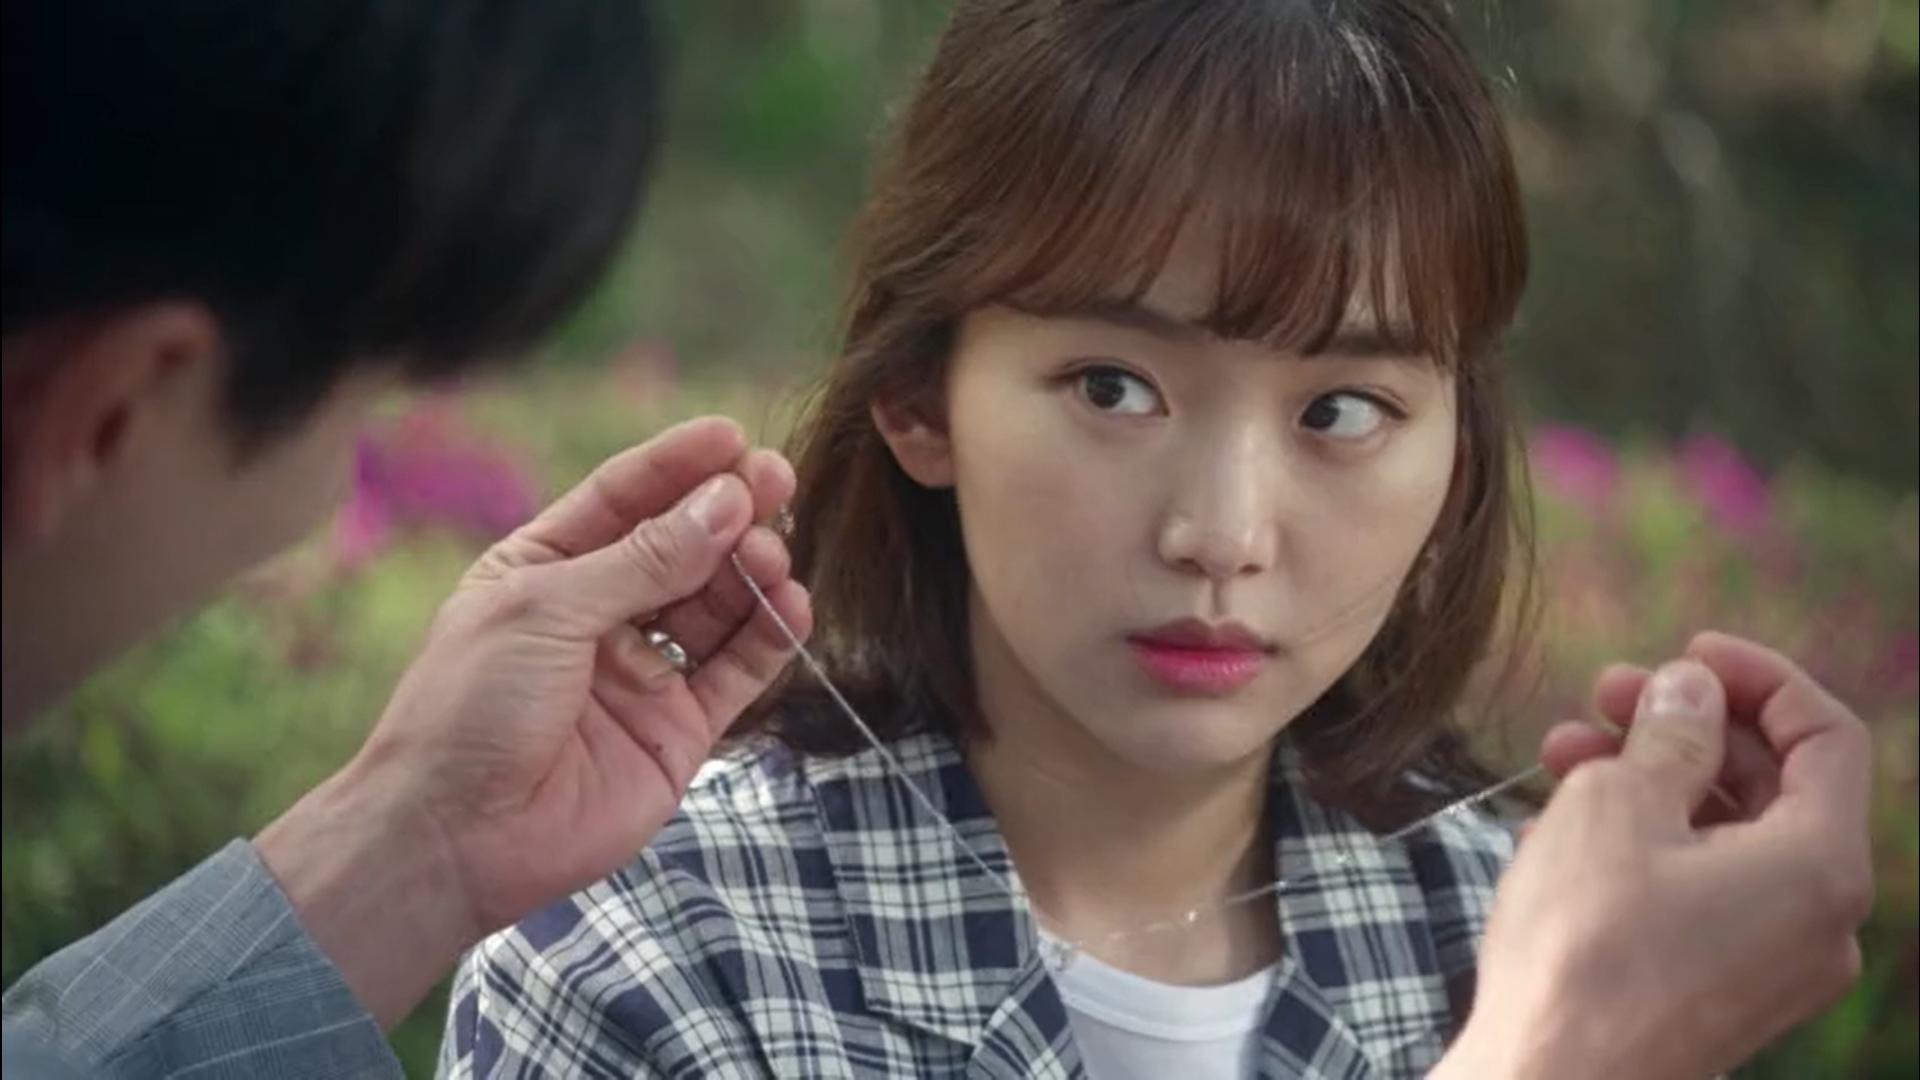 Wednesday 3:30 PM Baek Seung-gyu putting necklace on Seon Eun-woo